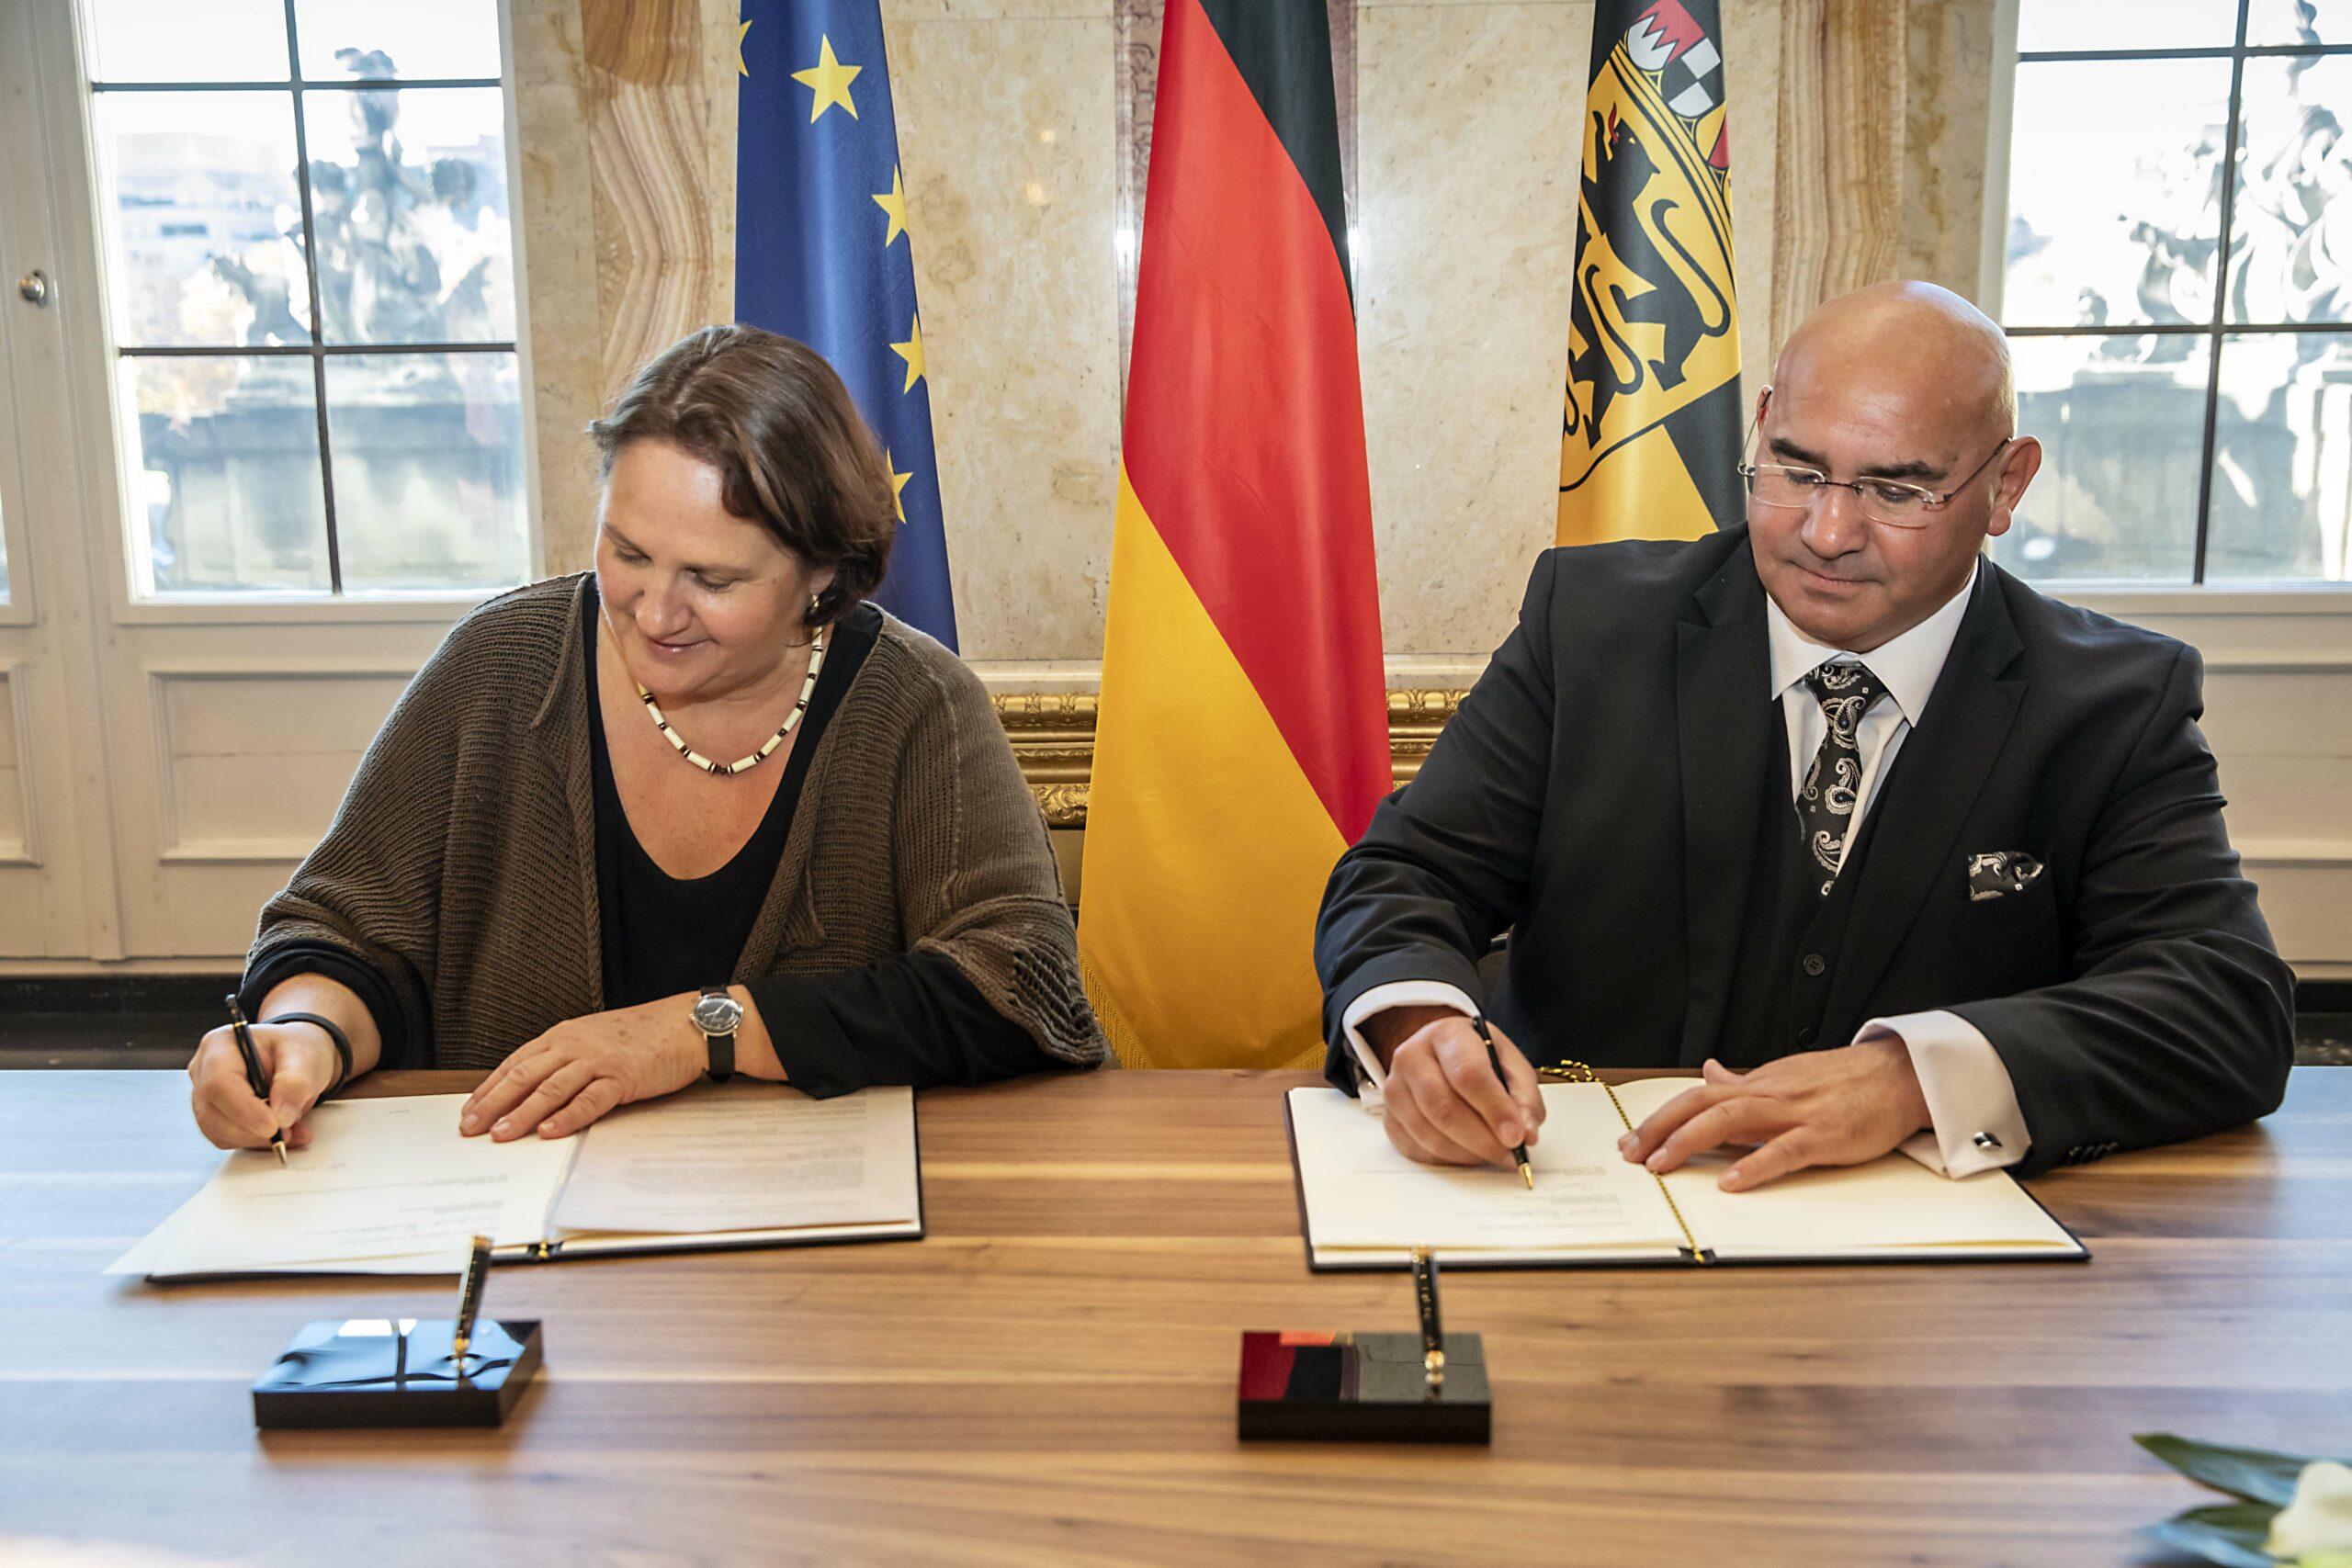 Staatsministerin Theresa Schopper (l.) und Daniel Strauß (r.), Vorsitzender des Landesverbands Deutscher Sinti undRoma